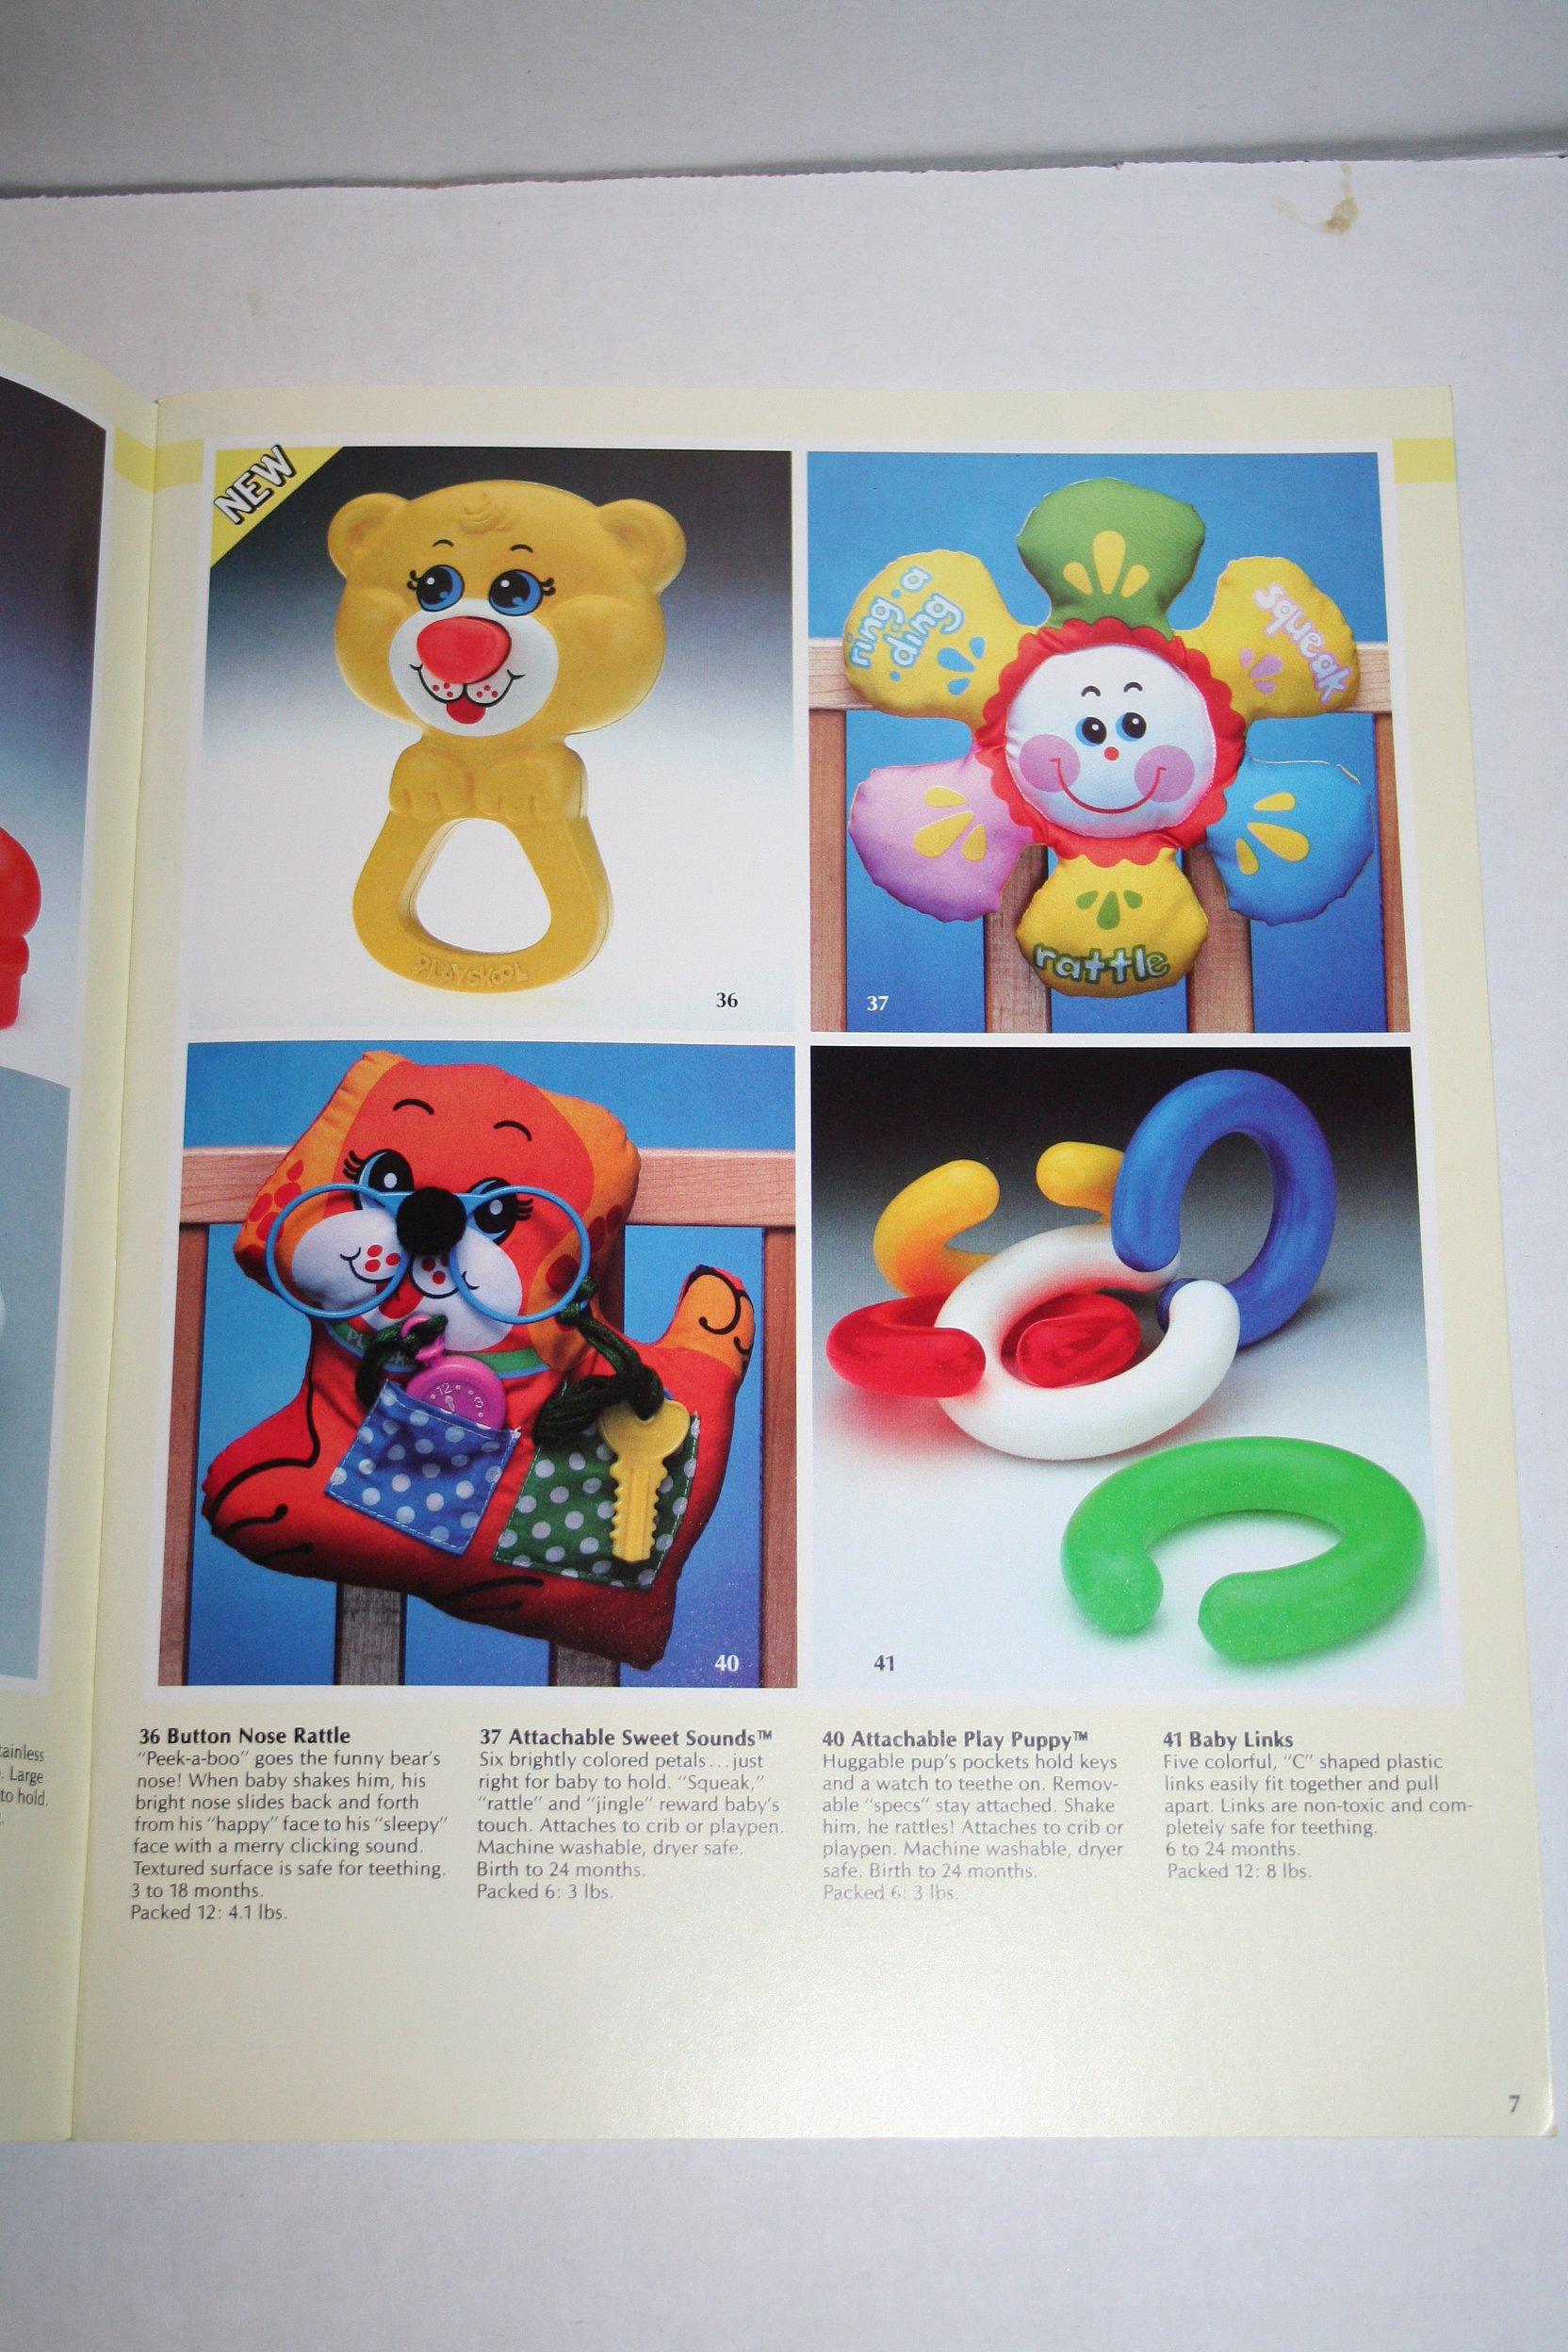 1984 Playskool Catalog